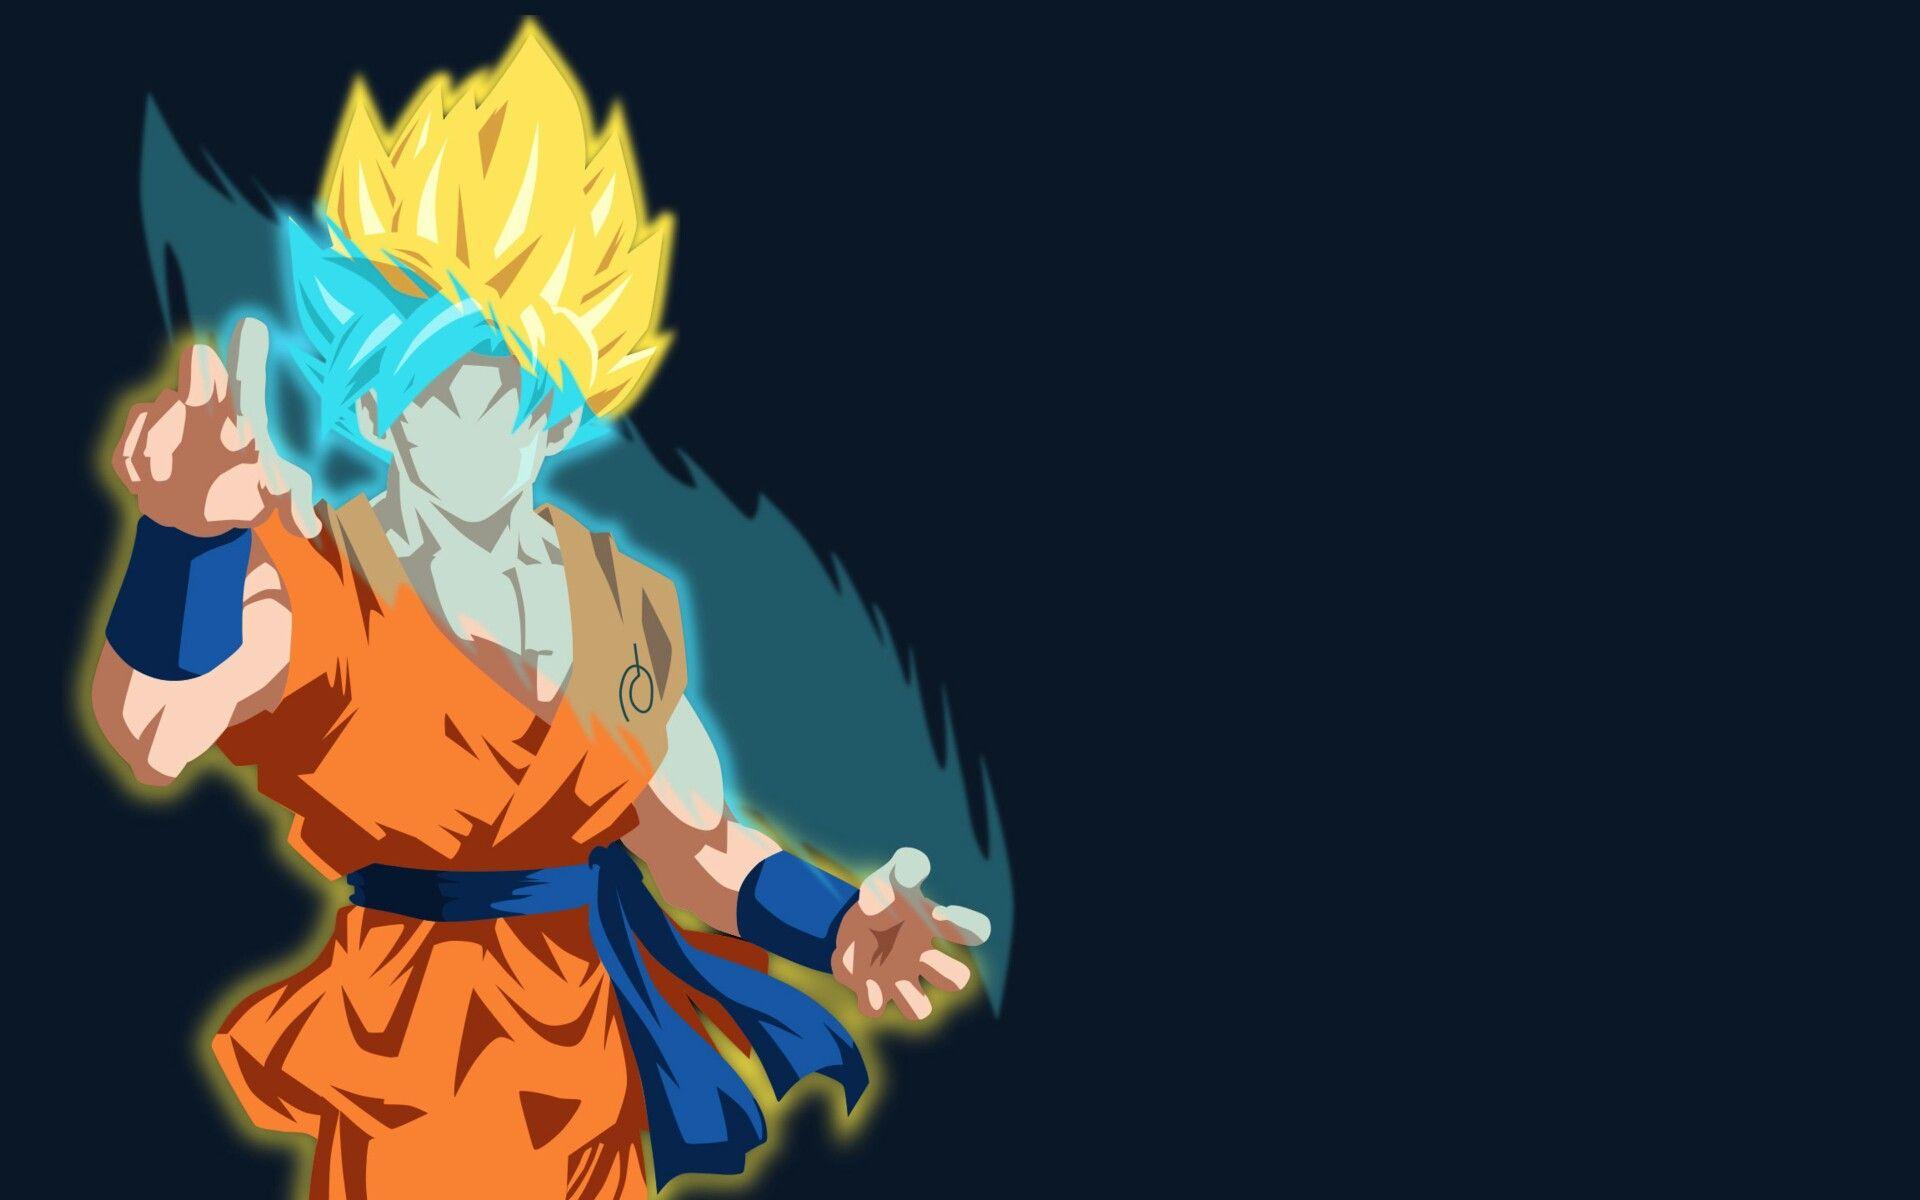 Goku Minimal Dragon Ball Super Wallpapers Goku Wallpaper Dragon Ball Super Manga